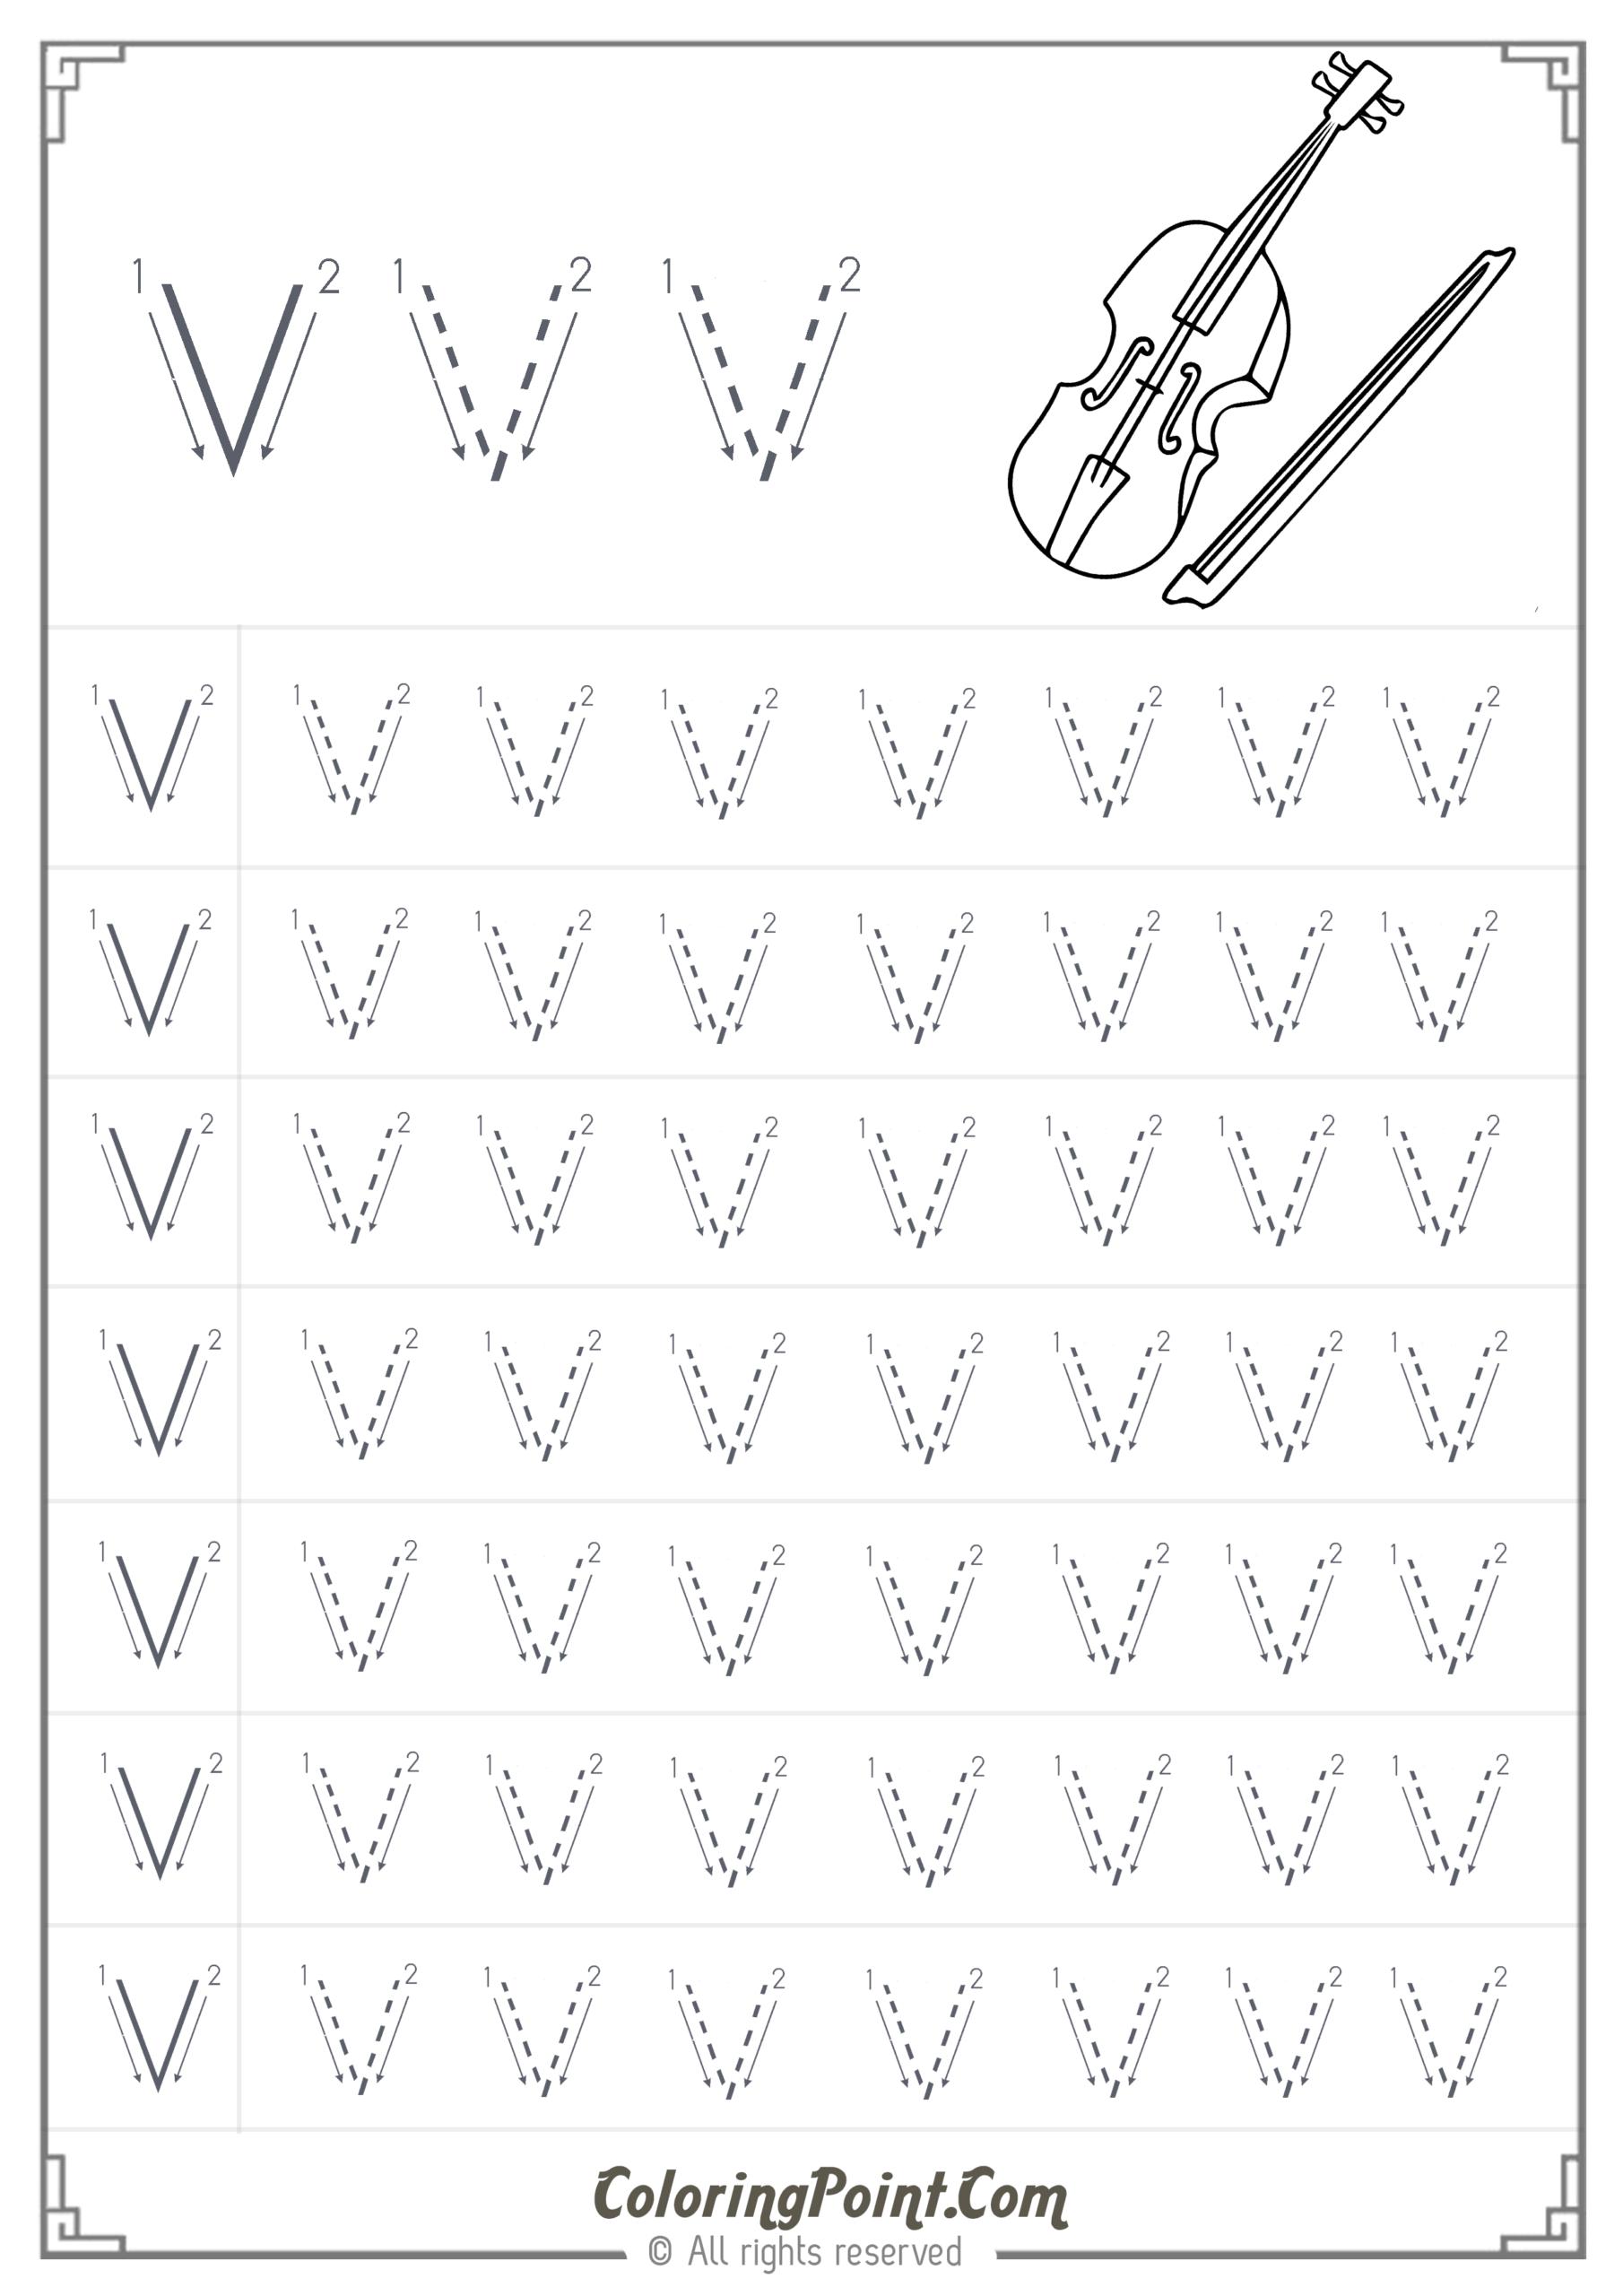 Alphabet Worksheet Sparklebox | Printable Worksheets And within Letter E Worksheets Sparklebox